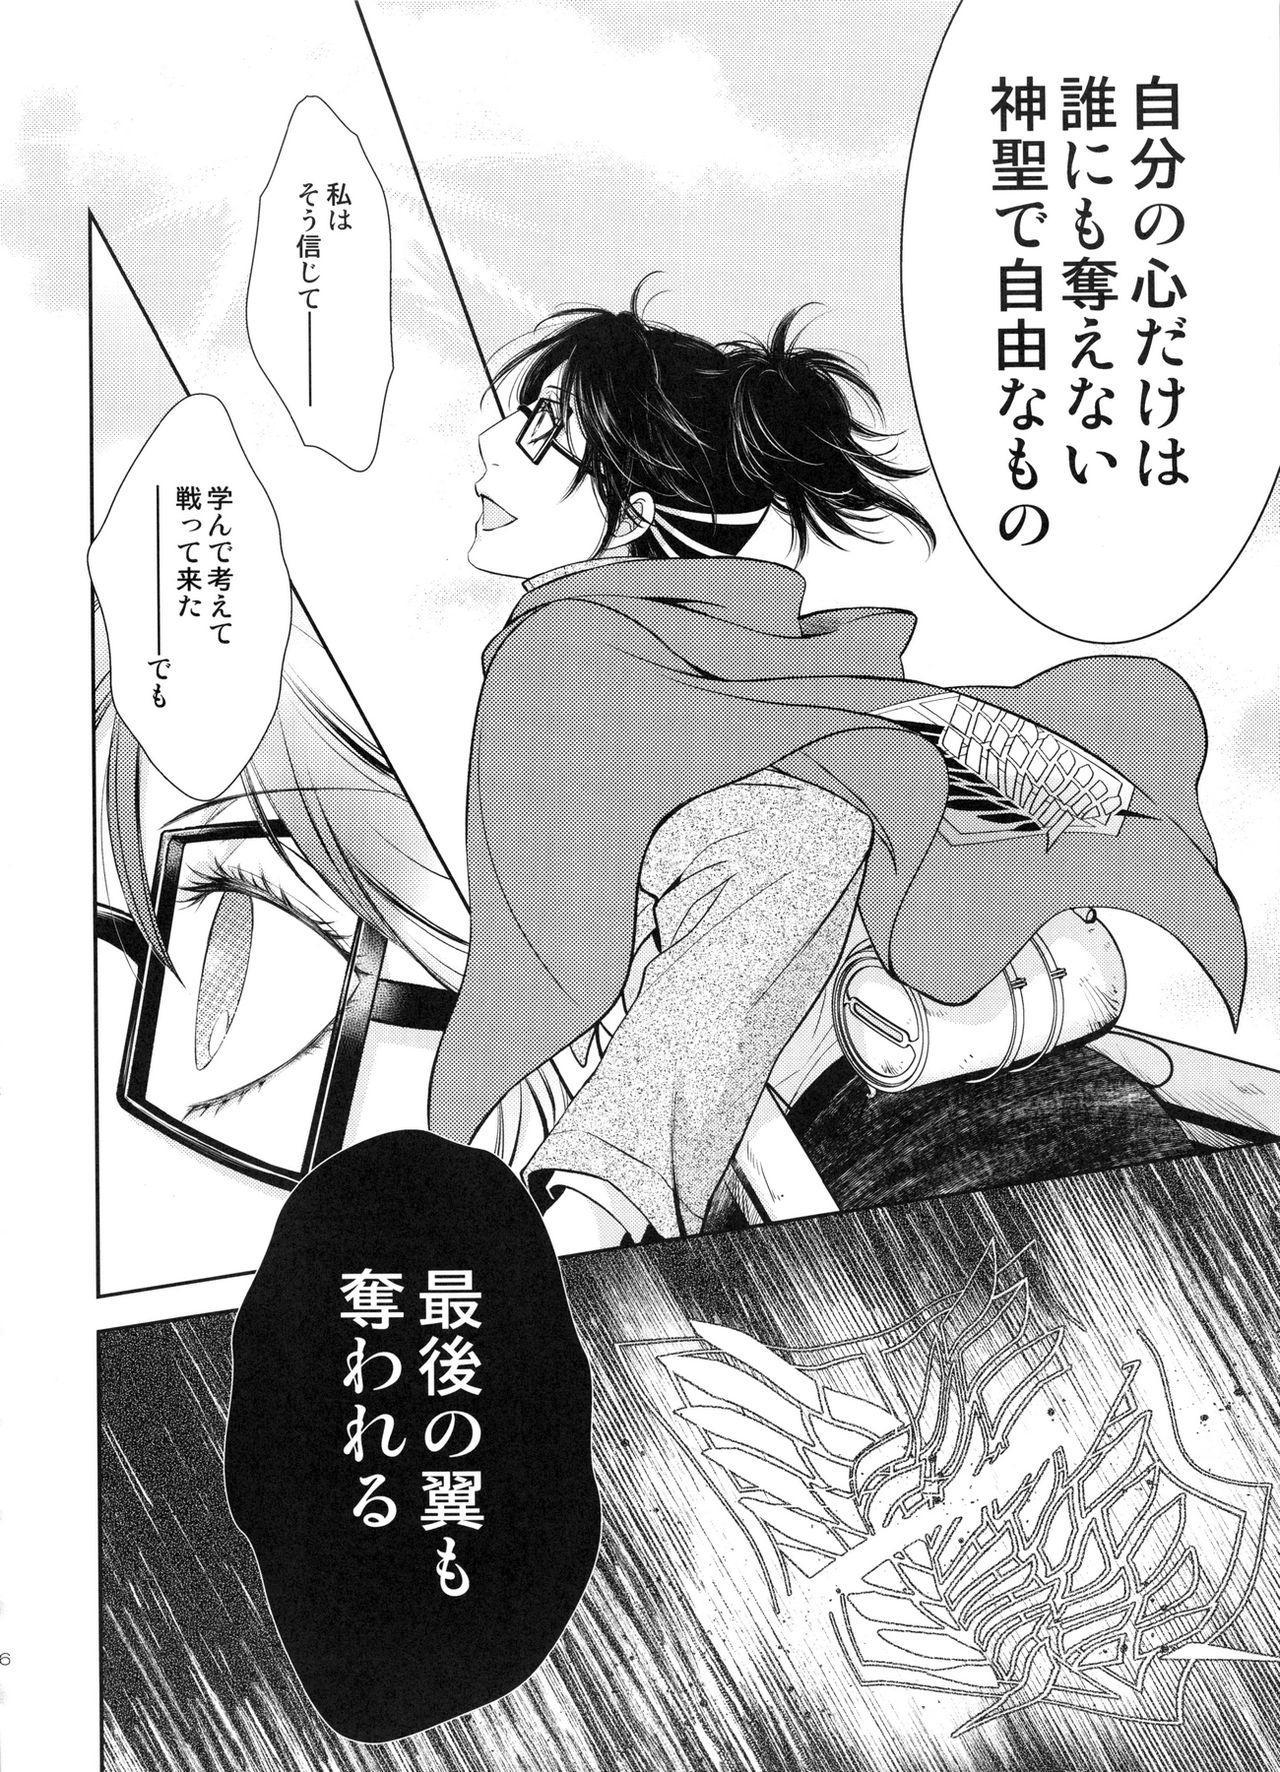 Meguri Meguri Soshite Mata Hana wa Saku 25